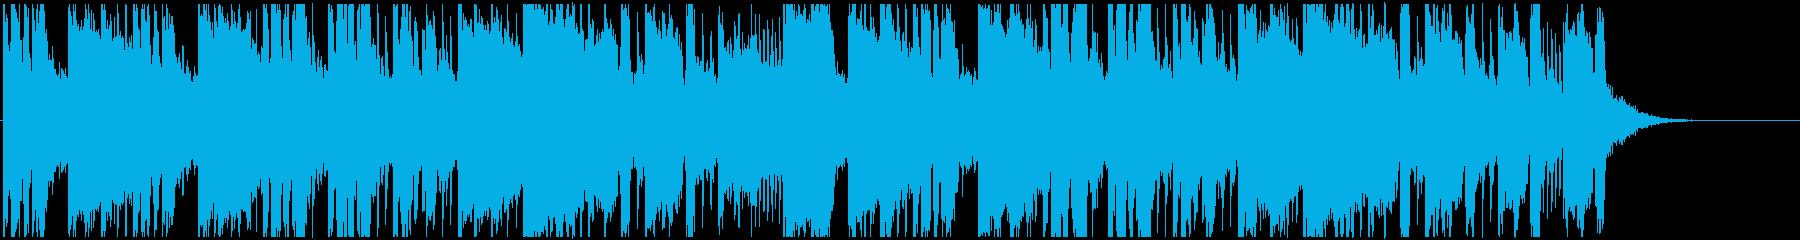 トランス系。おしゃれな音色&ベースの再生済みの波形